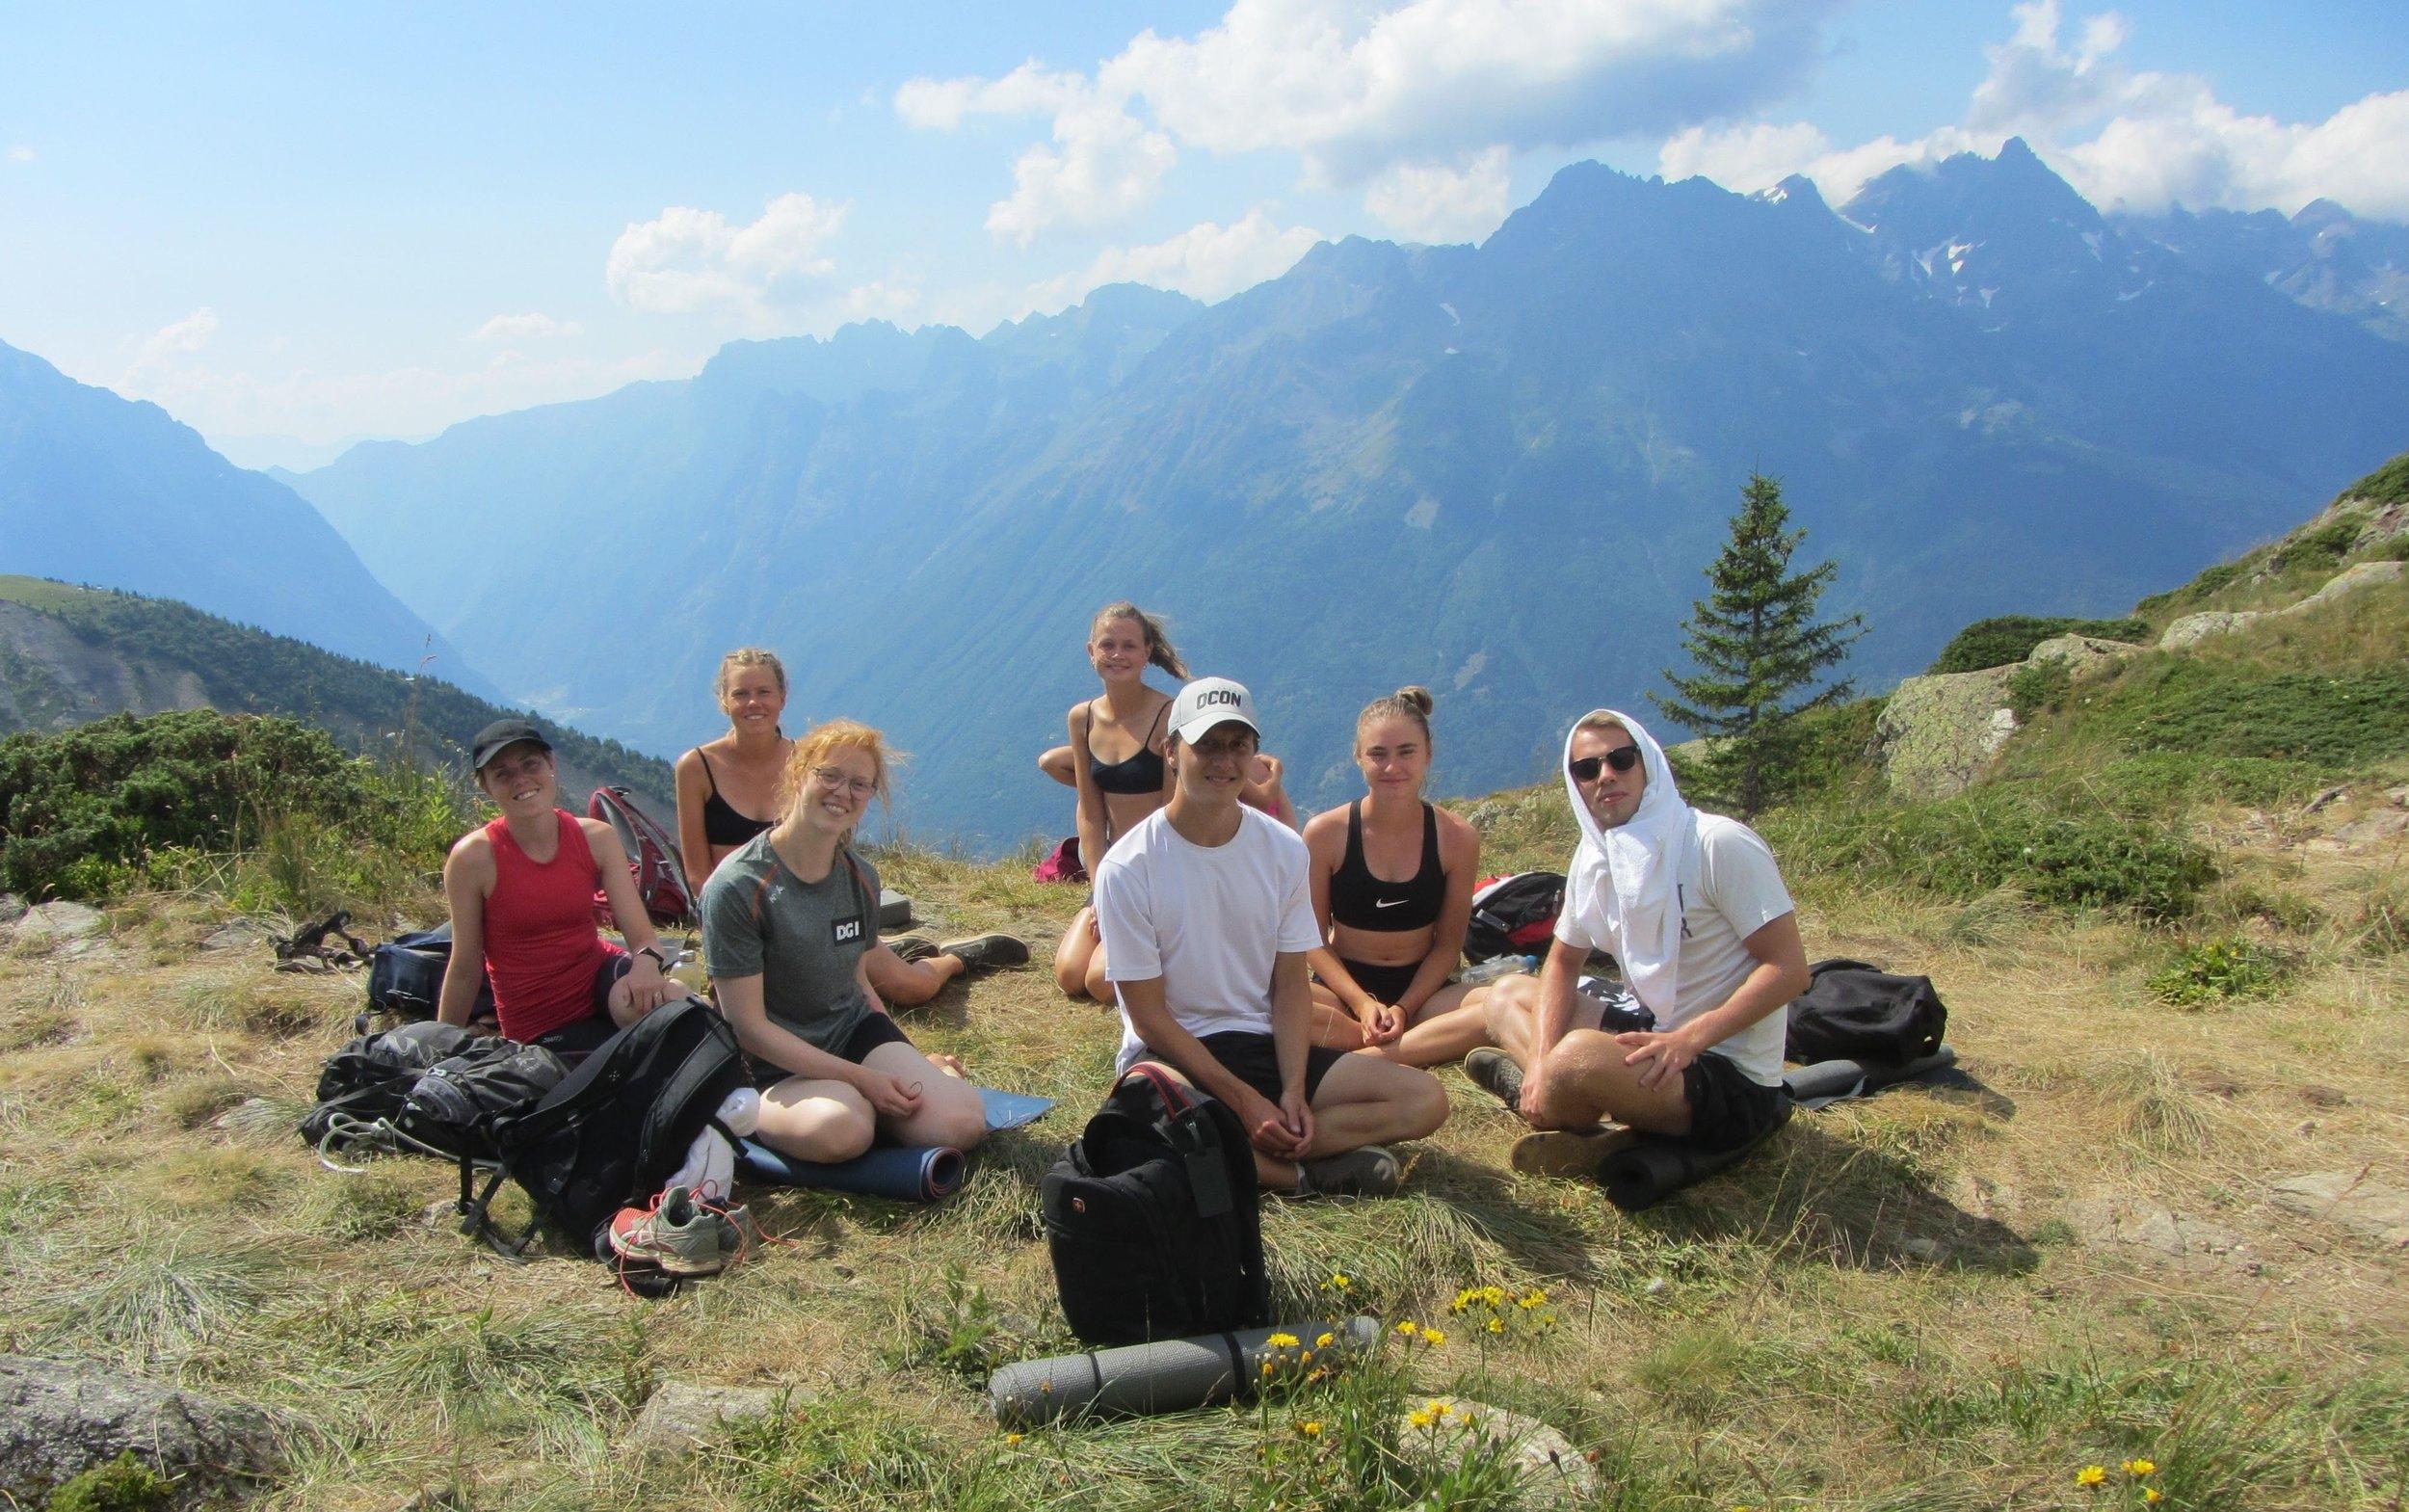 Yoga og meditation på sommerhøjskole med Alpehøjskolen |  1 måned i Alperne i sommerferien